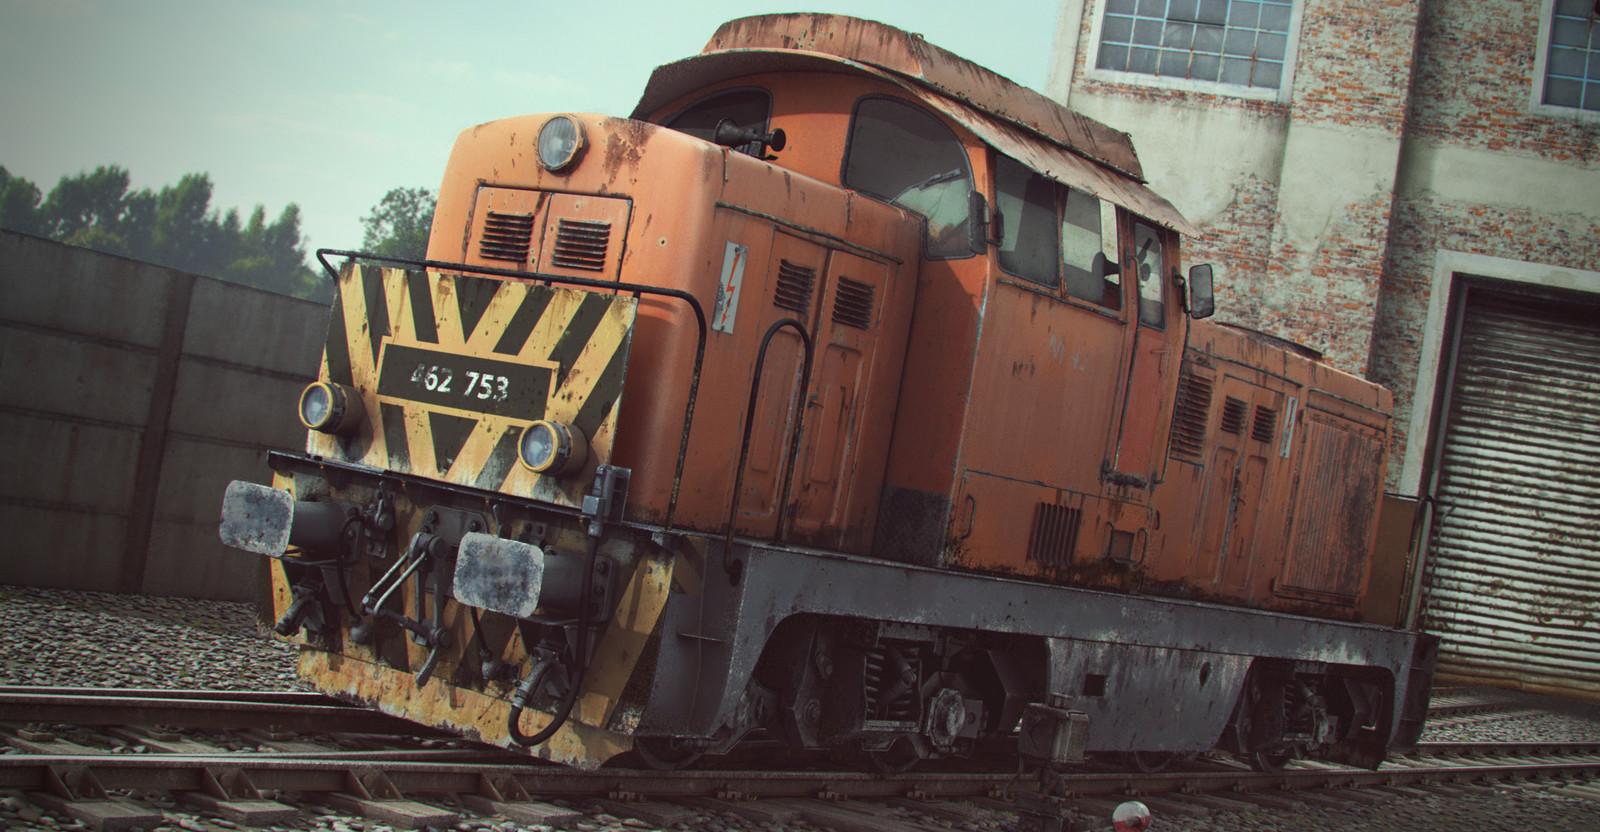 M43 Train reshoot